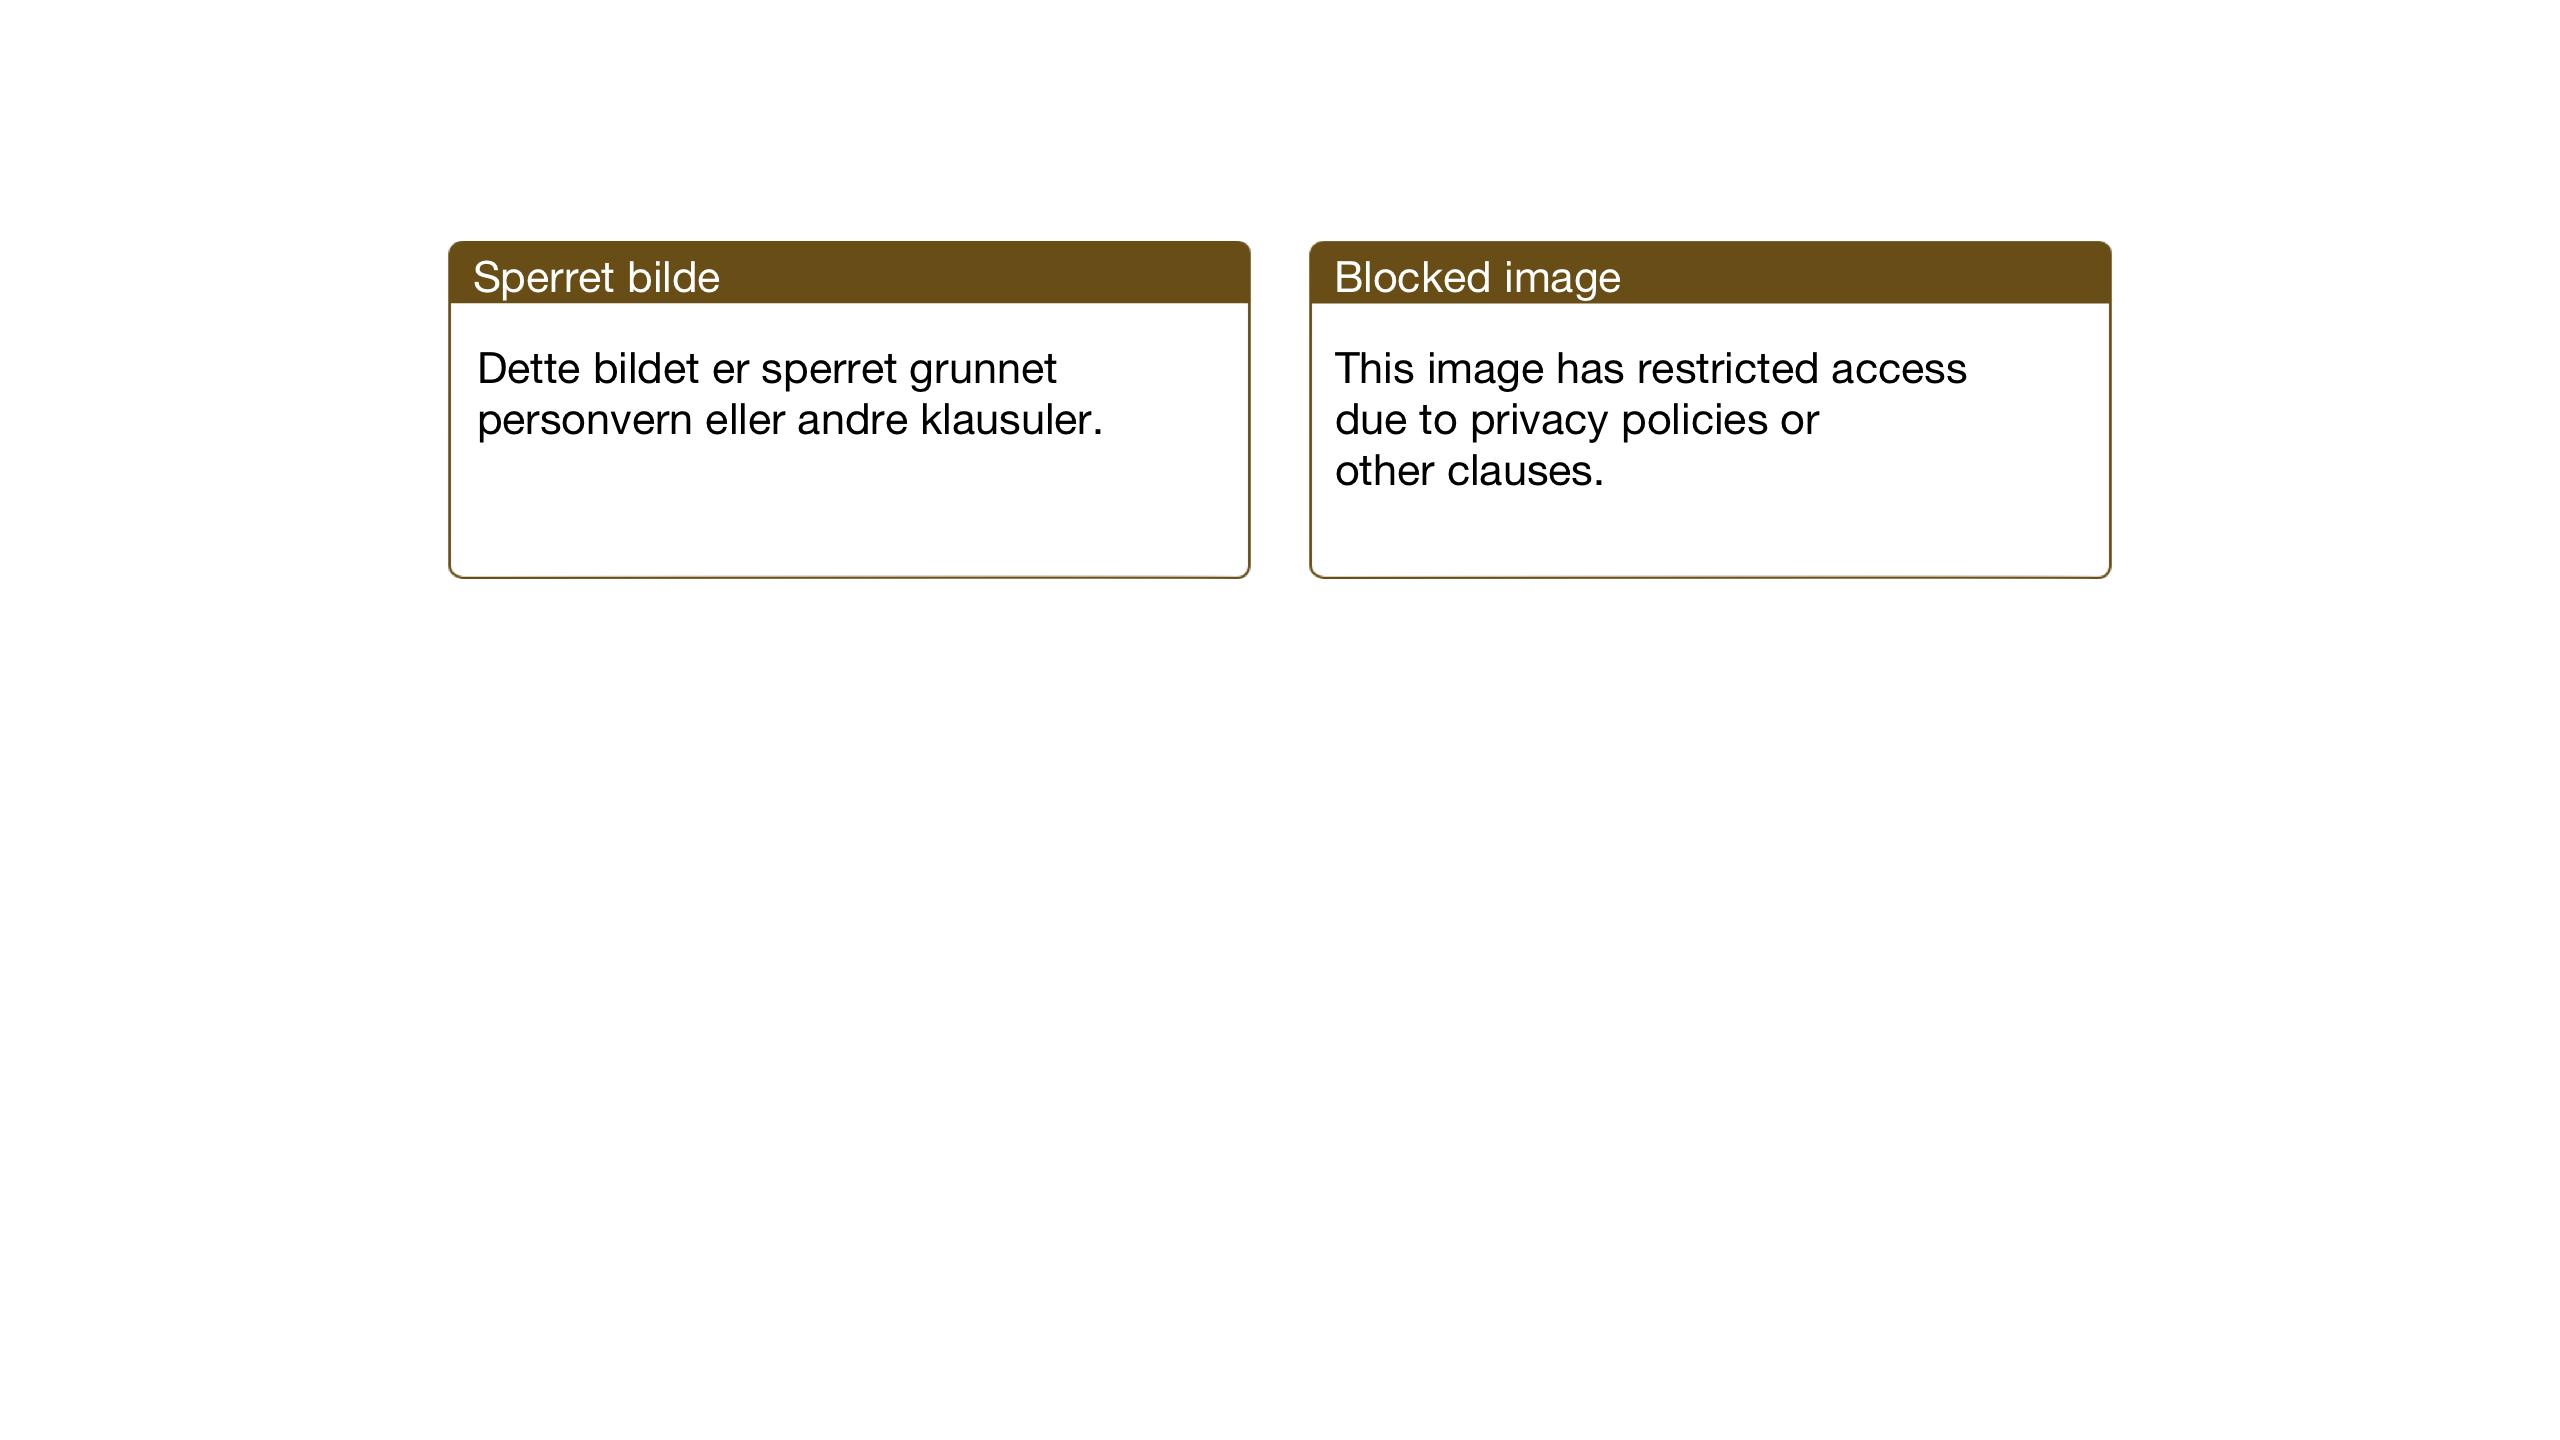 SAT, Ministerialprotokoller, klokkerbøker og fødselsregistre - Sør-Trøndelag, 630/L0506: Klokkerbok nr. 630C04, 1914-1933, s. 124